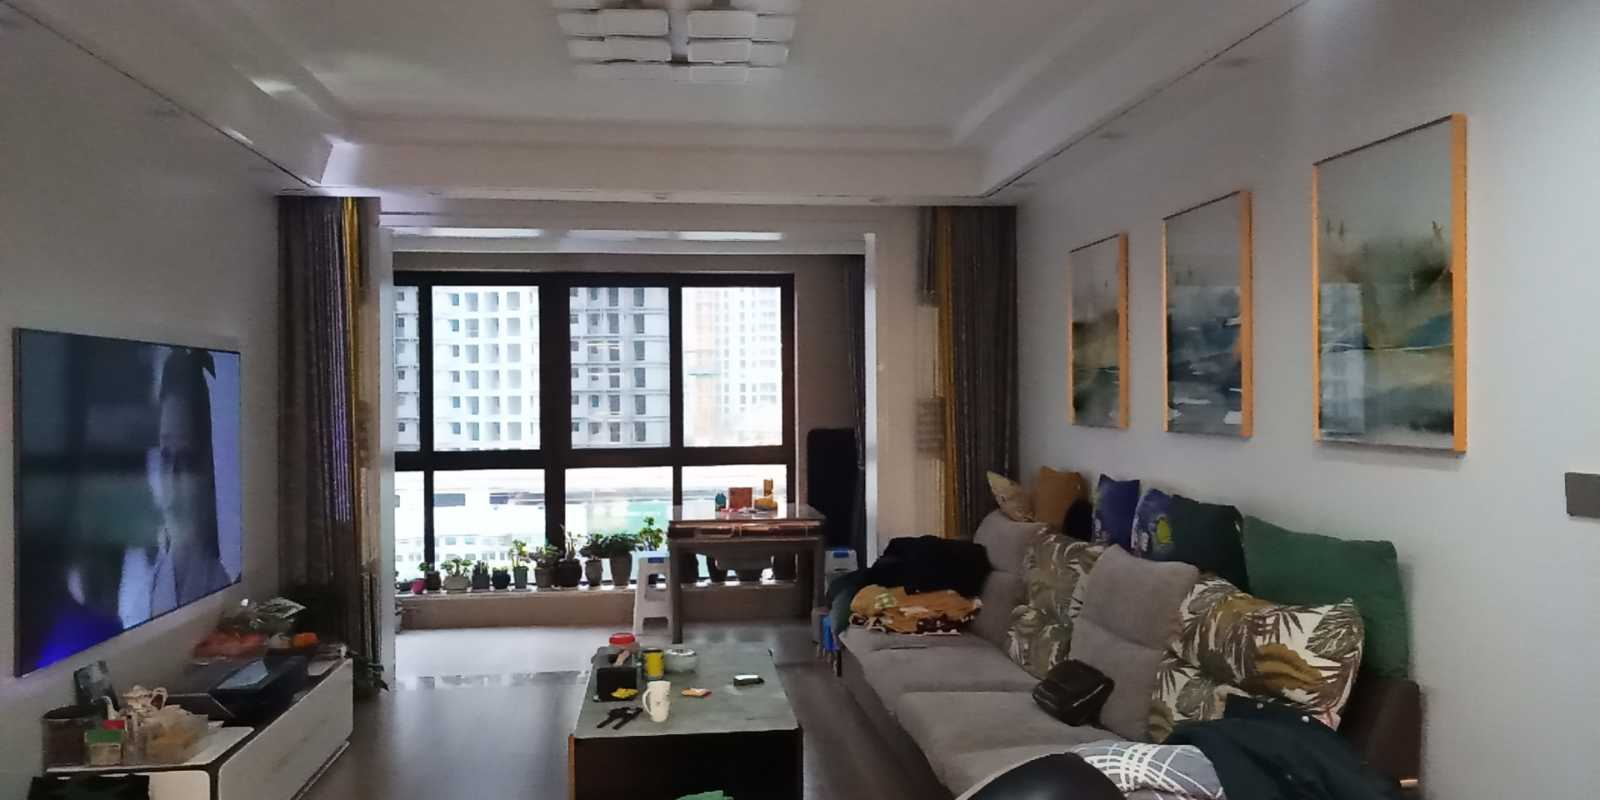 1230出售香悦半岛洋房5楼精装修136平方3-2-2售价188.8万